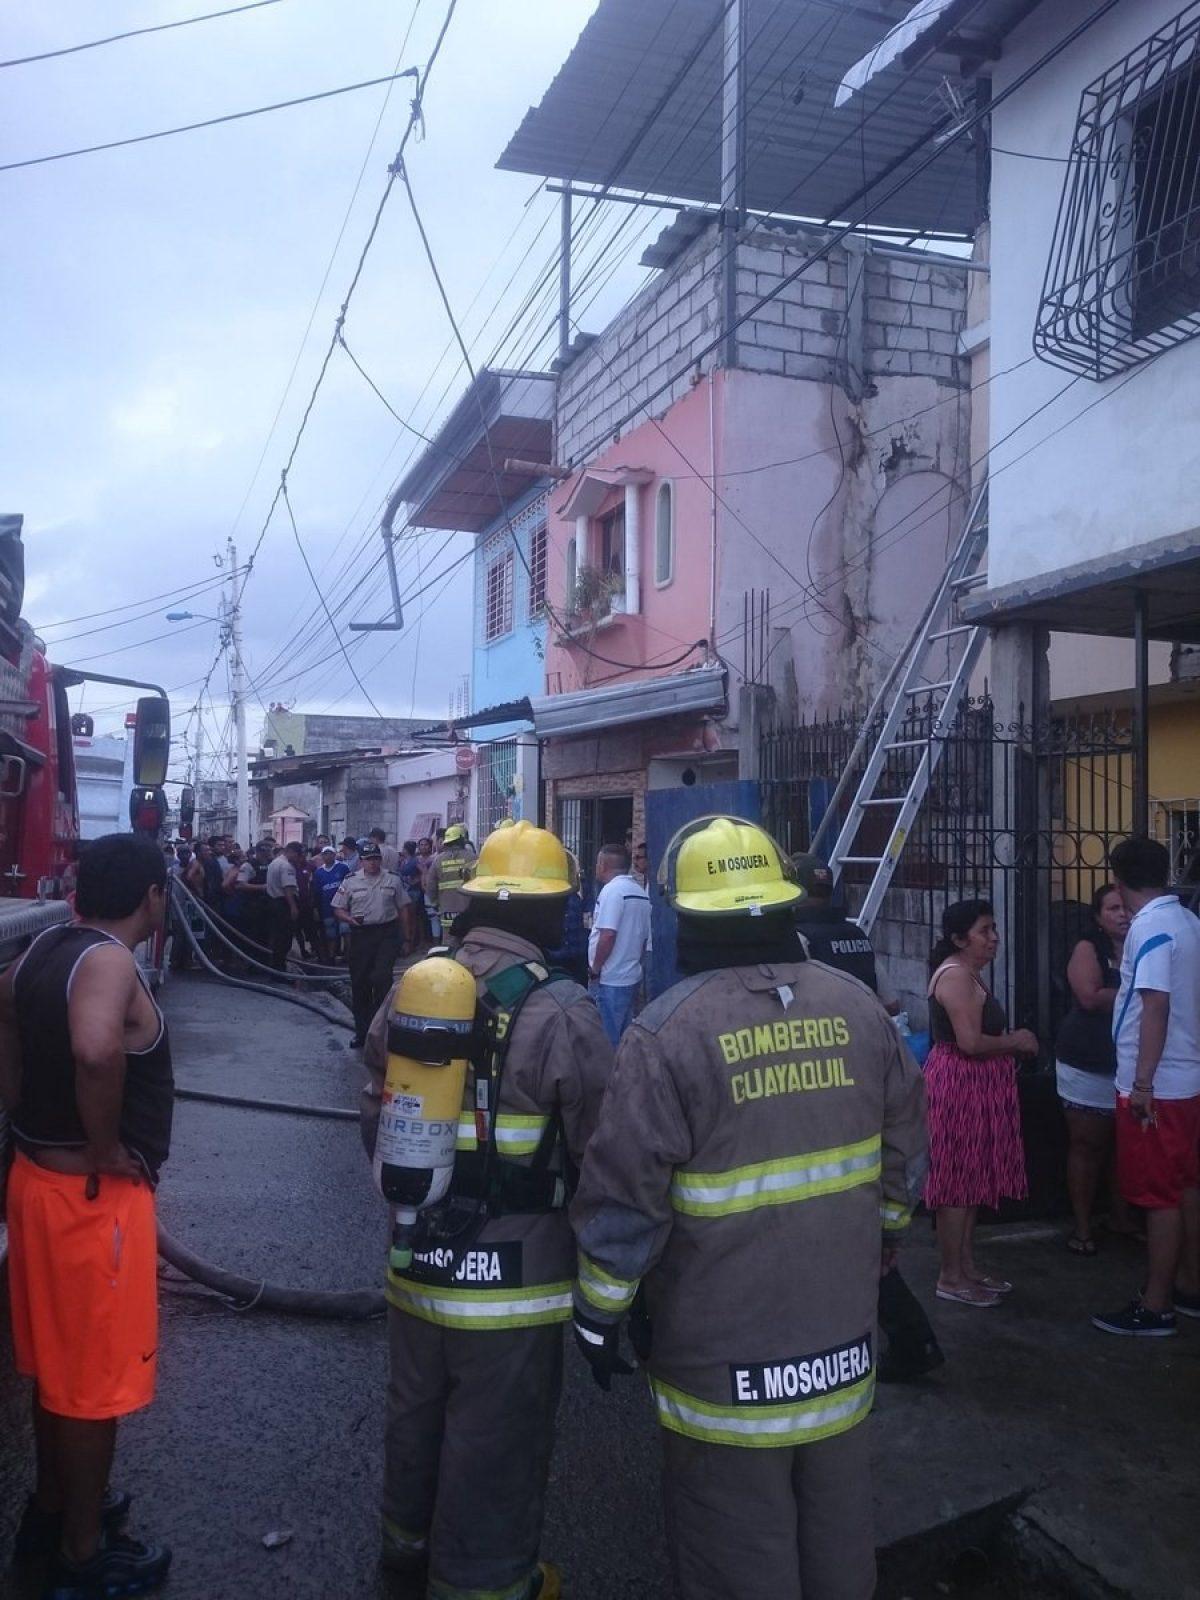 Presunta clínica clandestina se incendió en Guayaquil